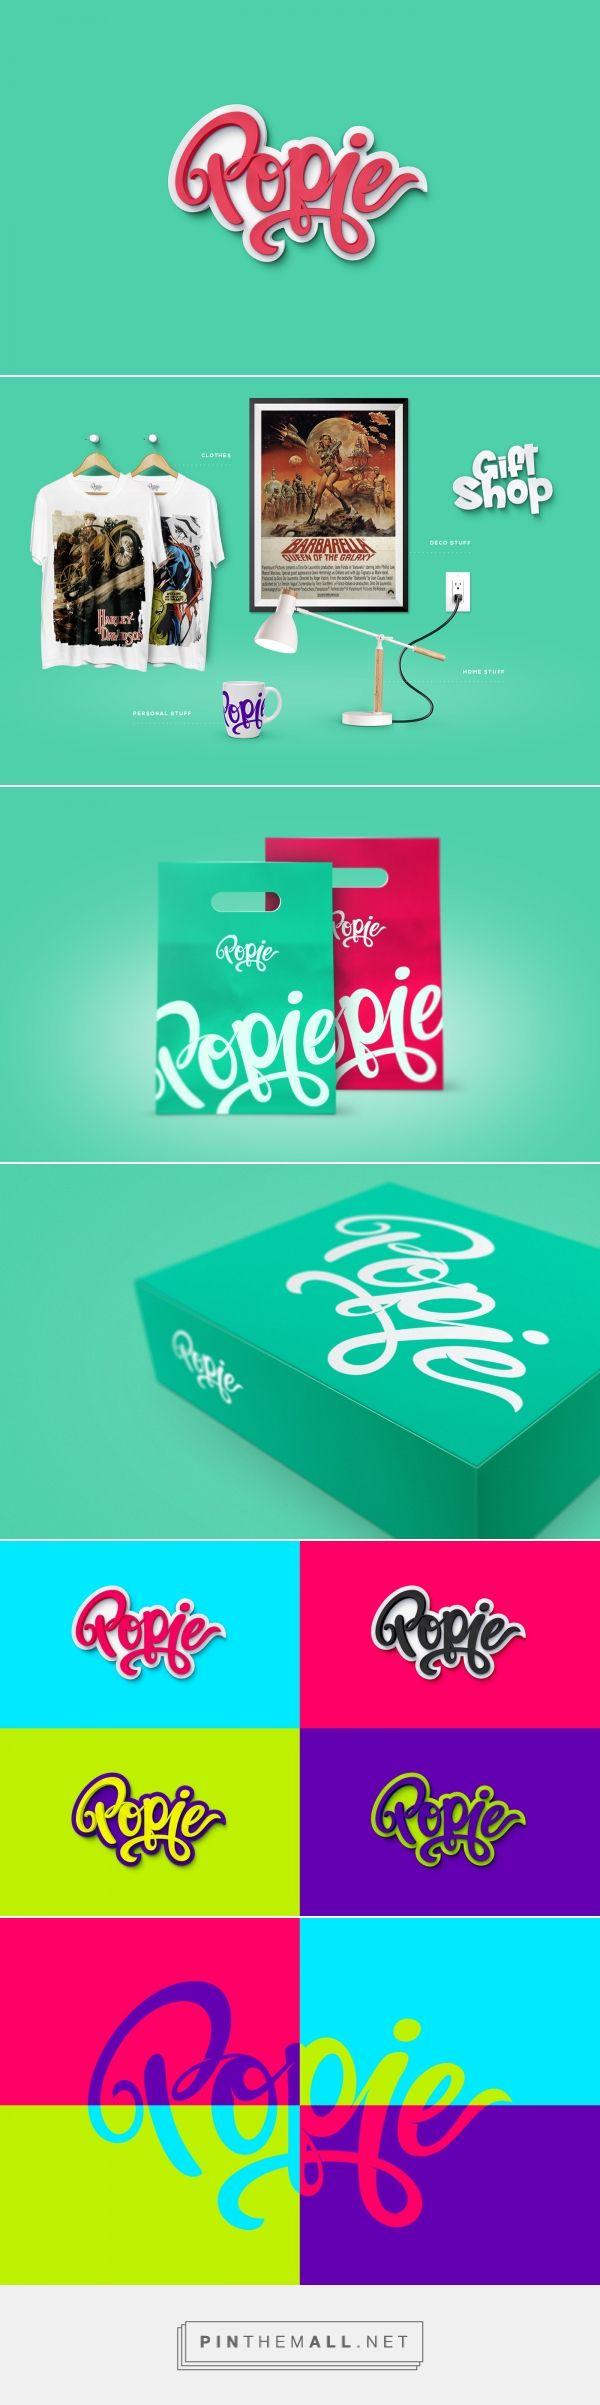 Popie - Branding by TIAGO WESTPHAL SOUZA